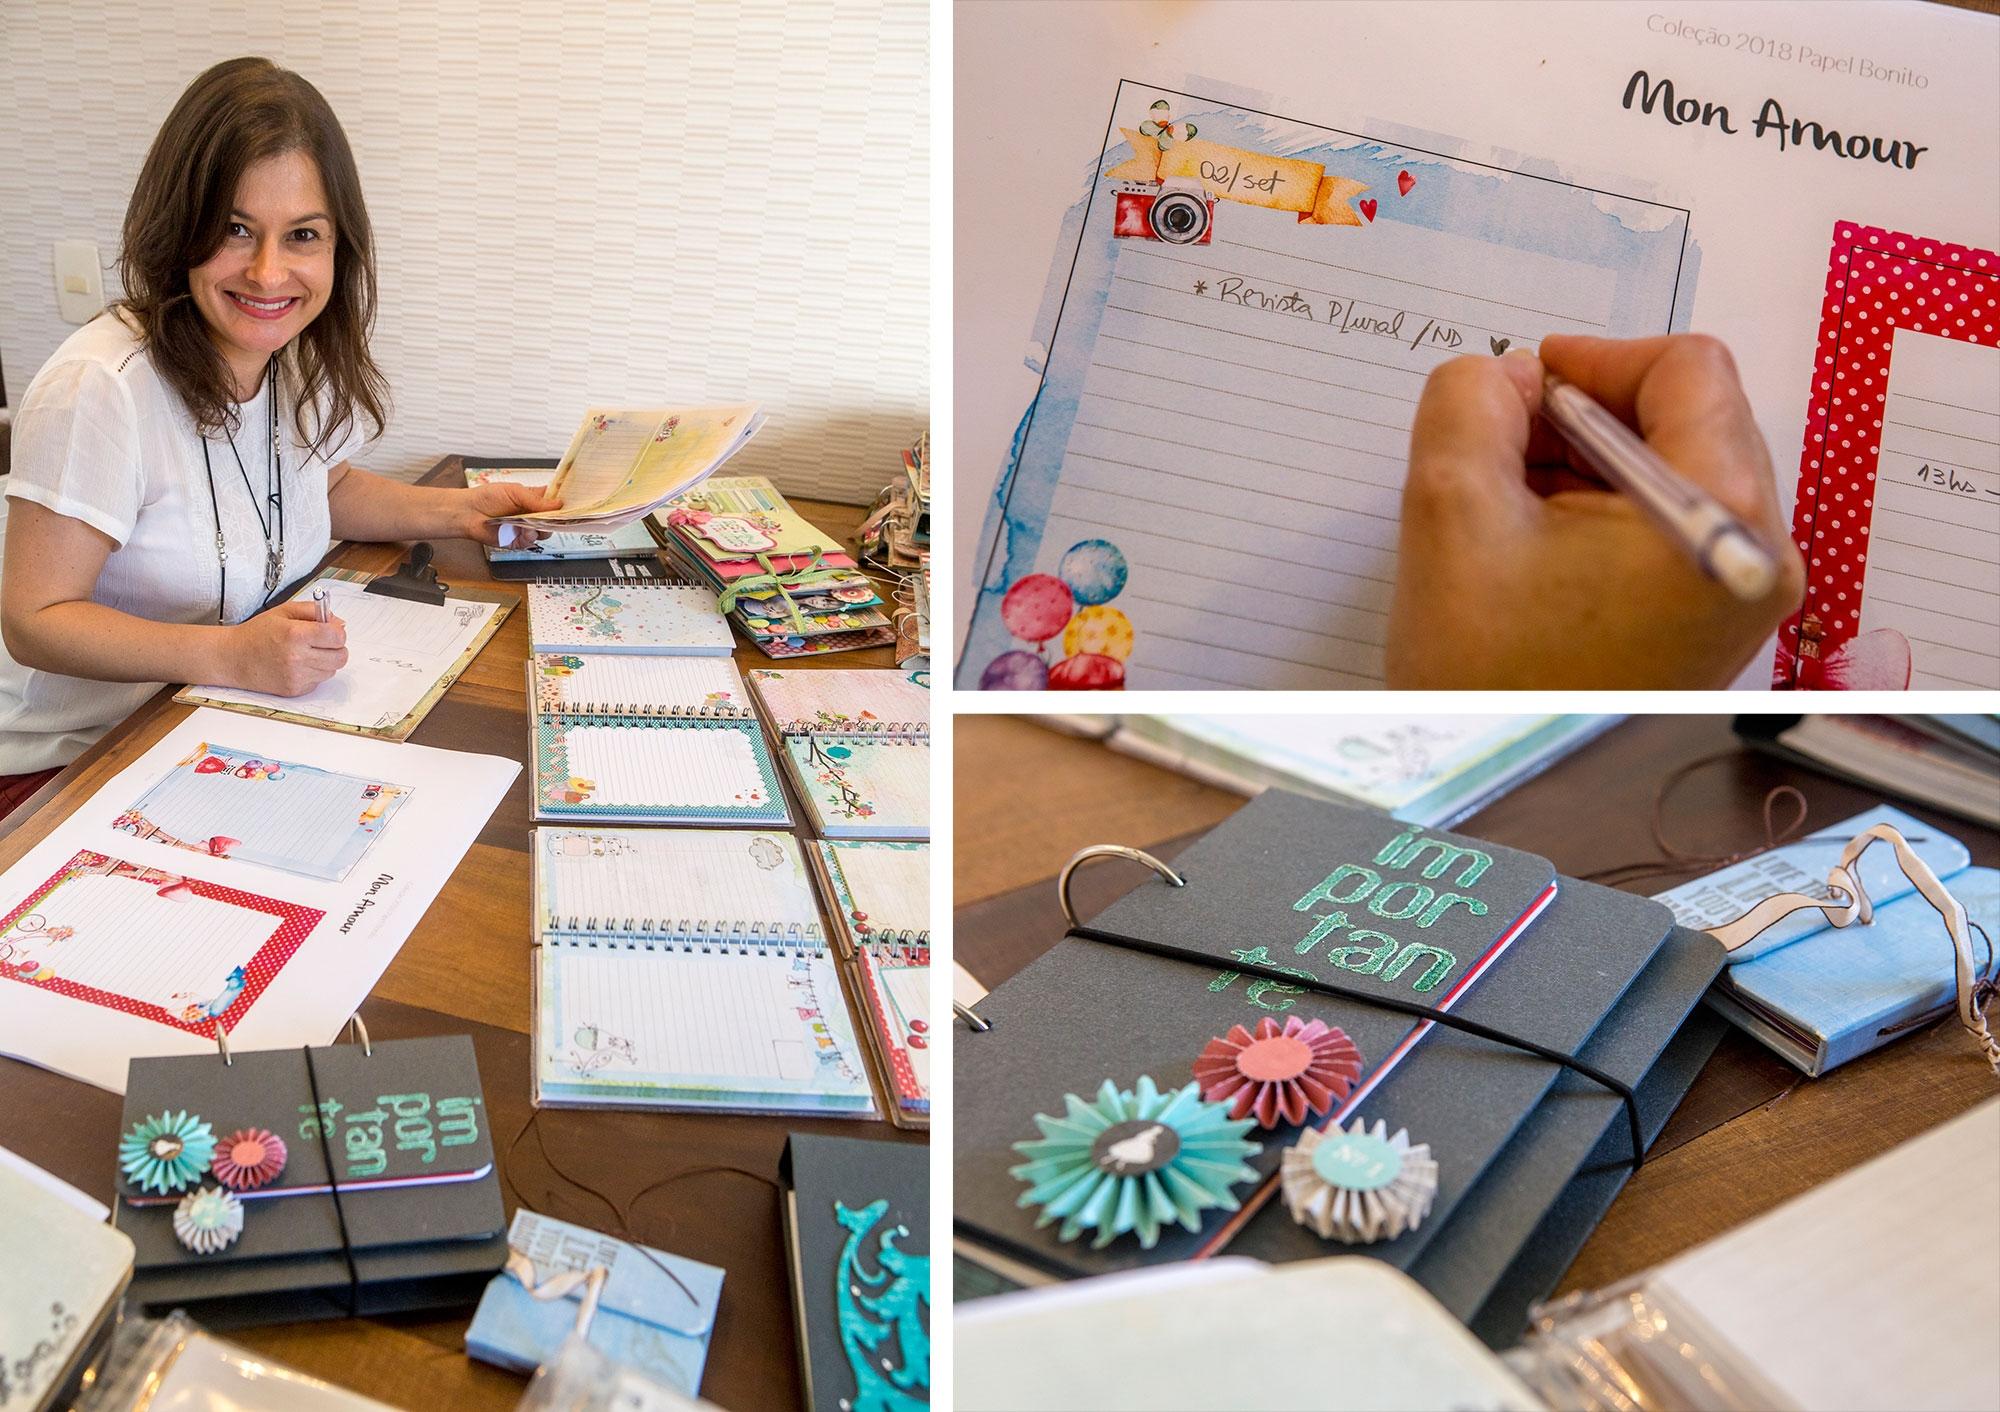 Angelita Maria Correa dispensa a agenda eletrônica. Ela cria estampas para agendas e faz scrapbooks sob encomenda - Flávio Tin/ND